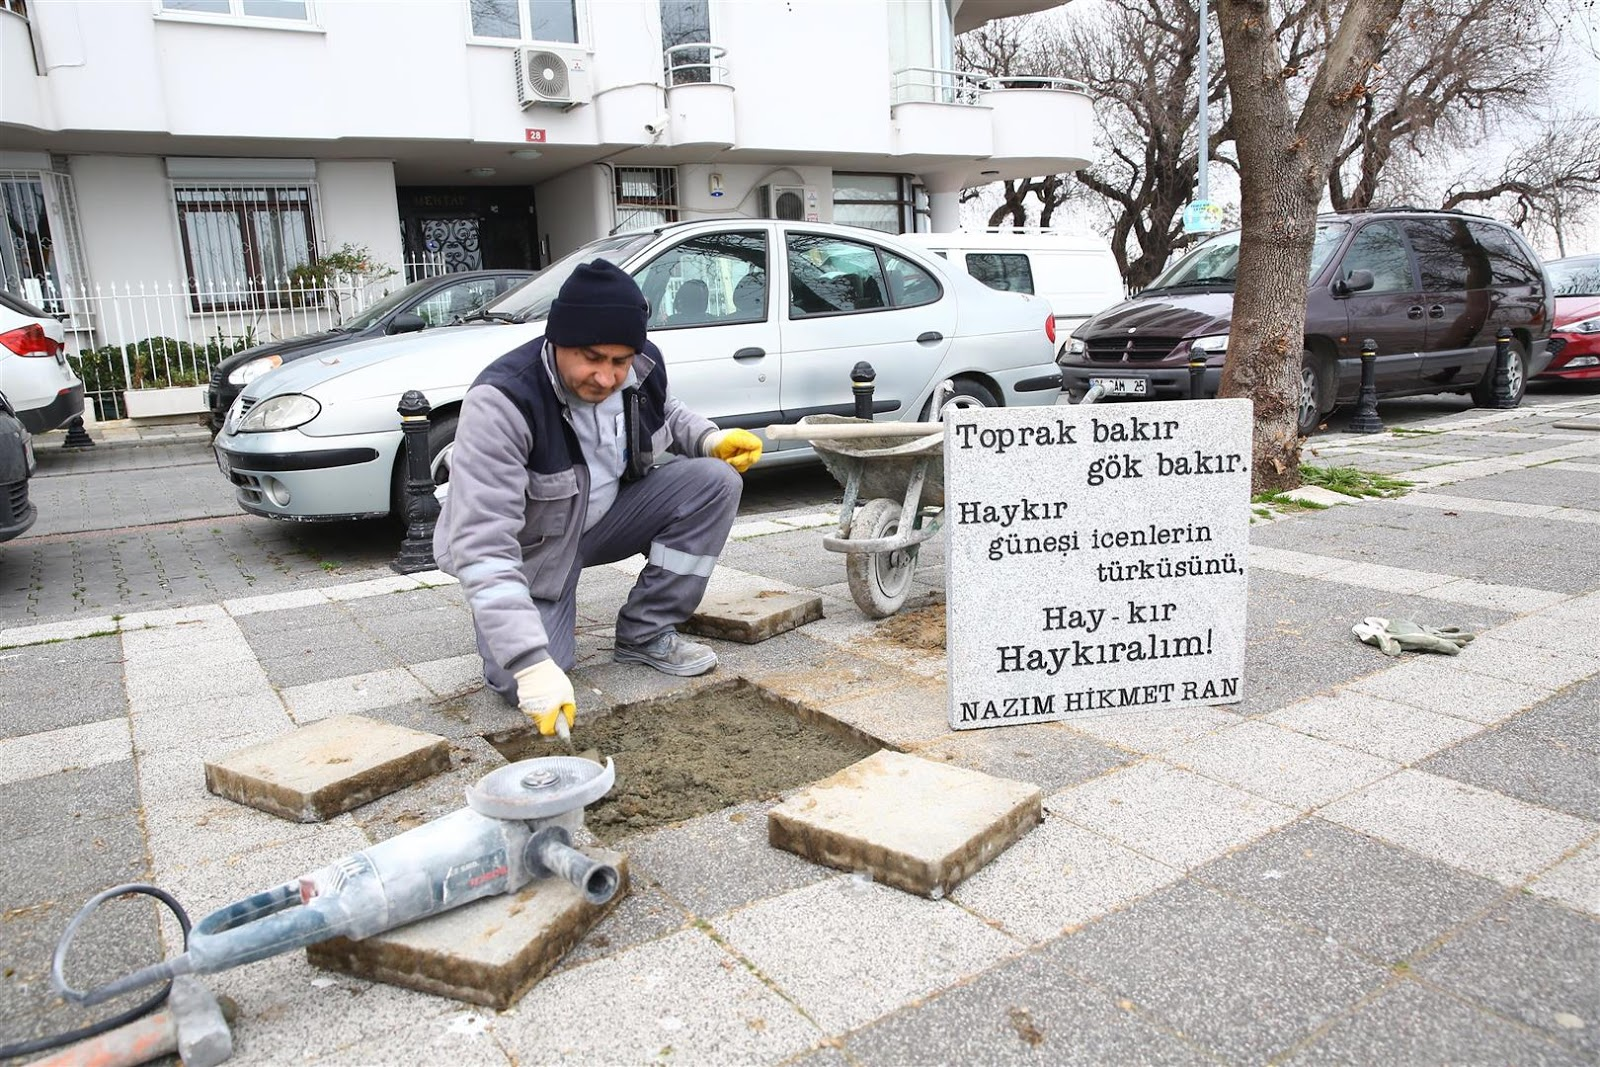 Nazım Hikmet'in şiirleri Kadıköy Moda Burnundaki caddede